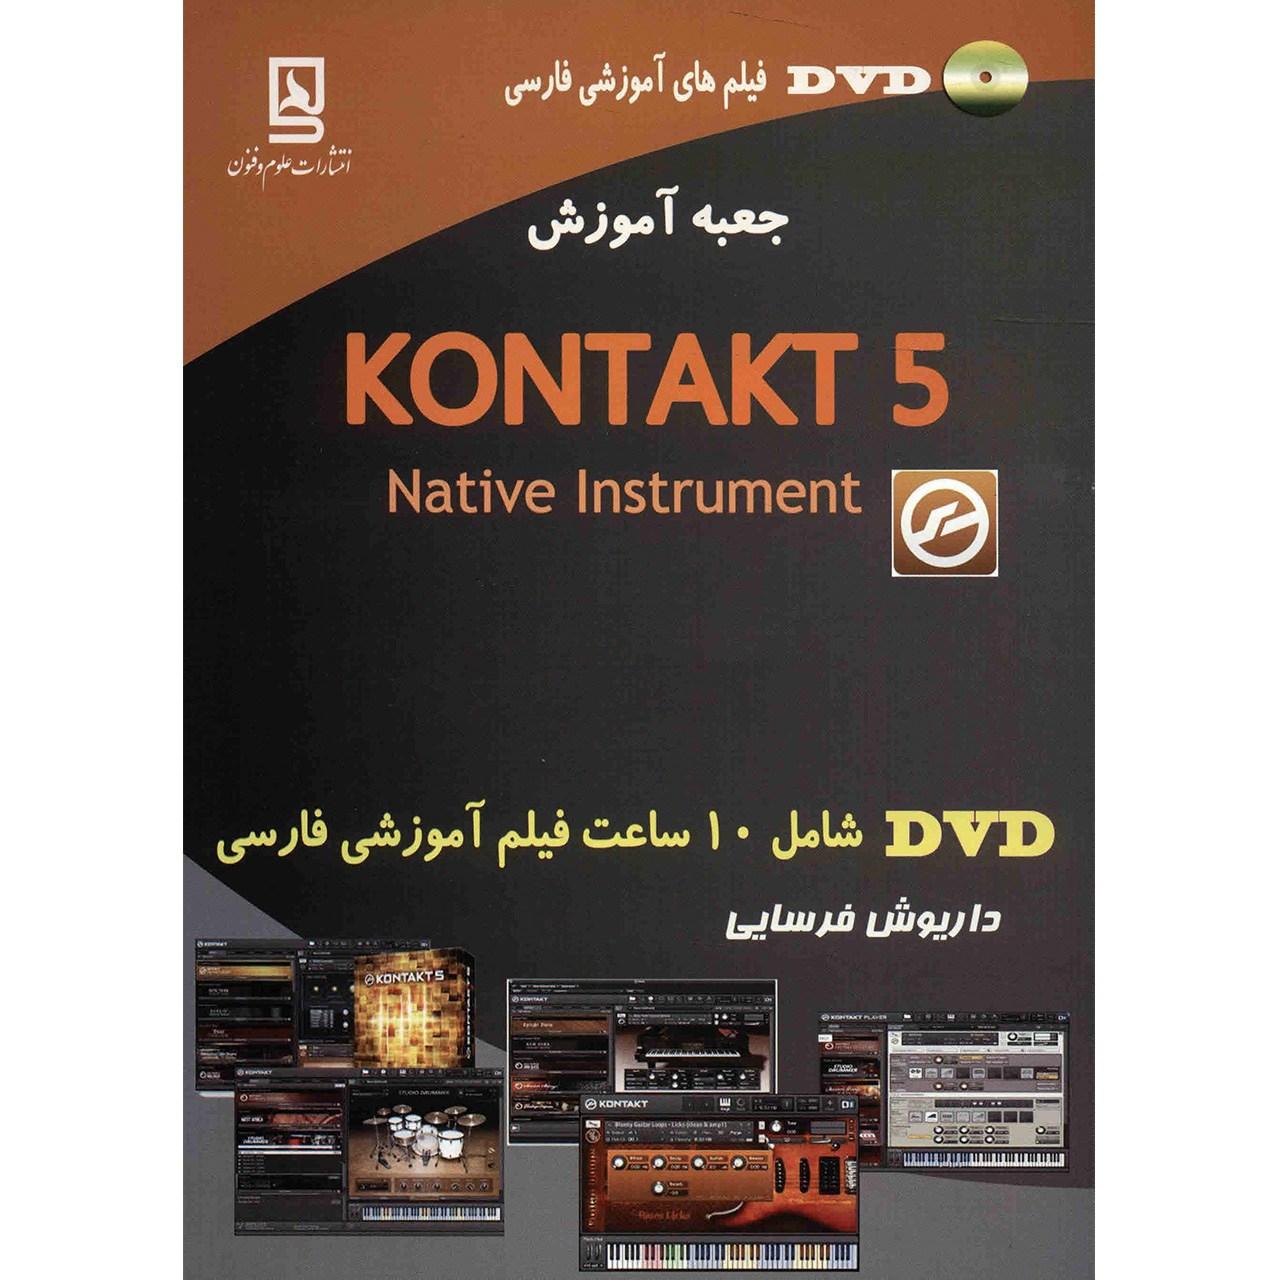 کتاب جعبه آموزش KONTAKT 5 - Native Instrument اثر داریوش فرسایی